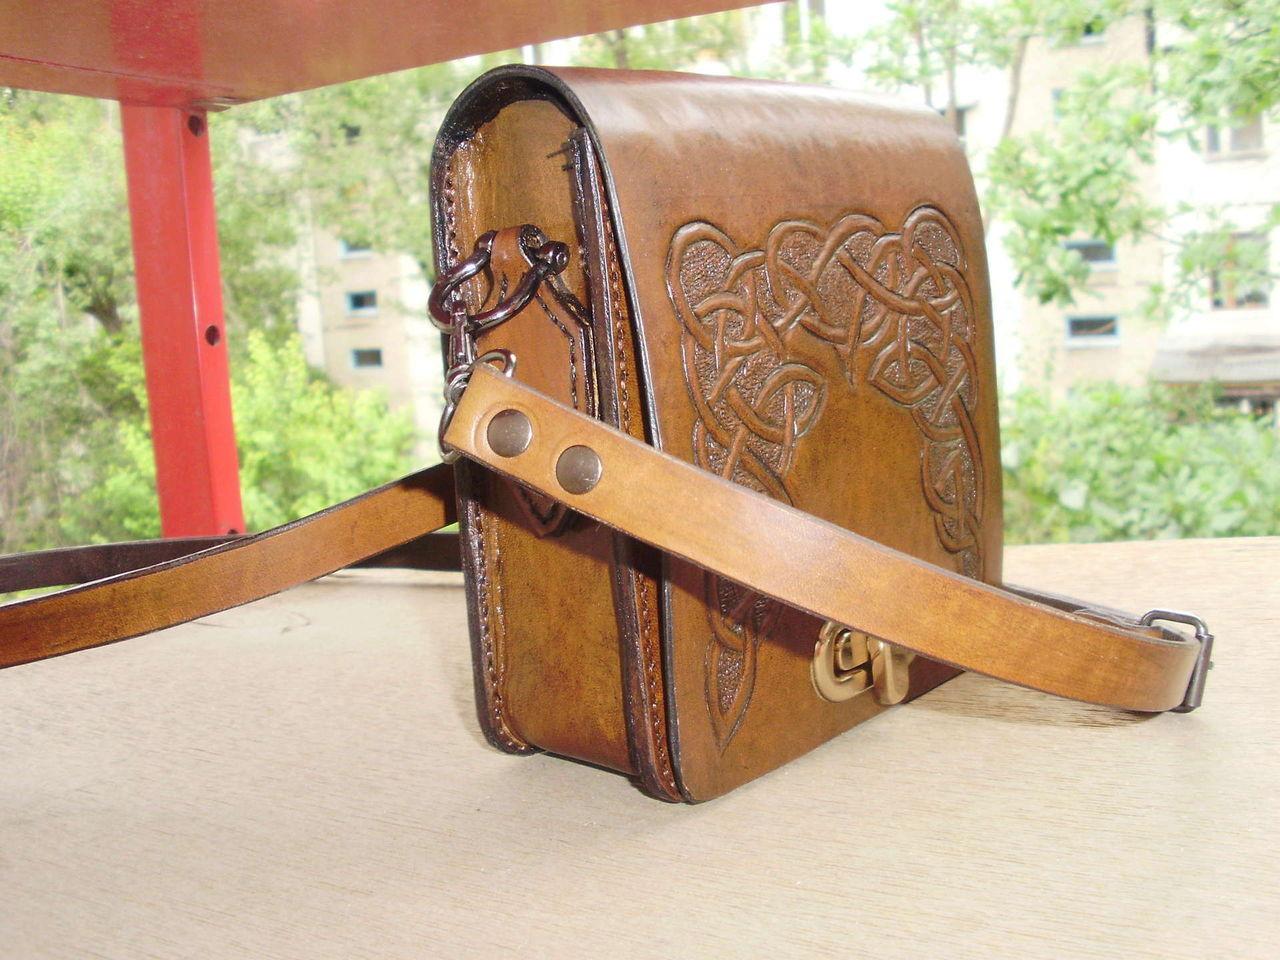 Как сделать сумку из кожи своими руками без швейной машинки